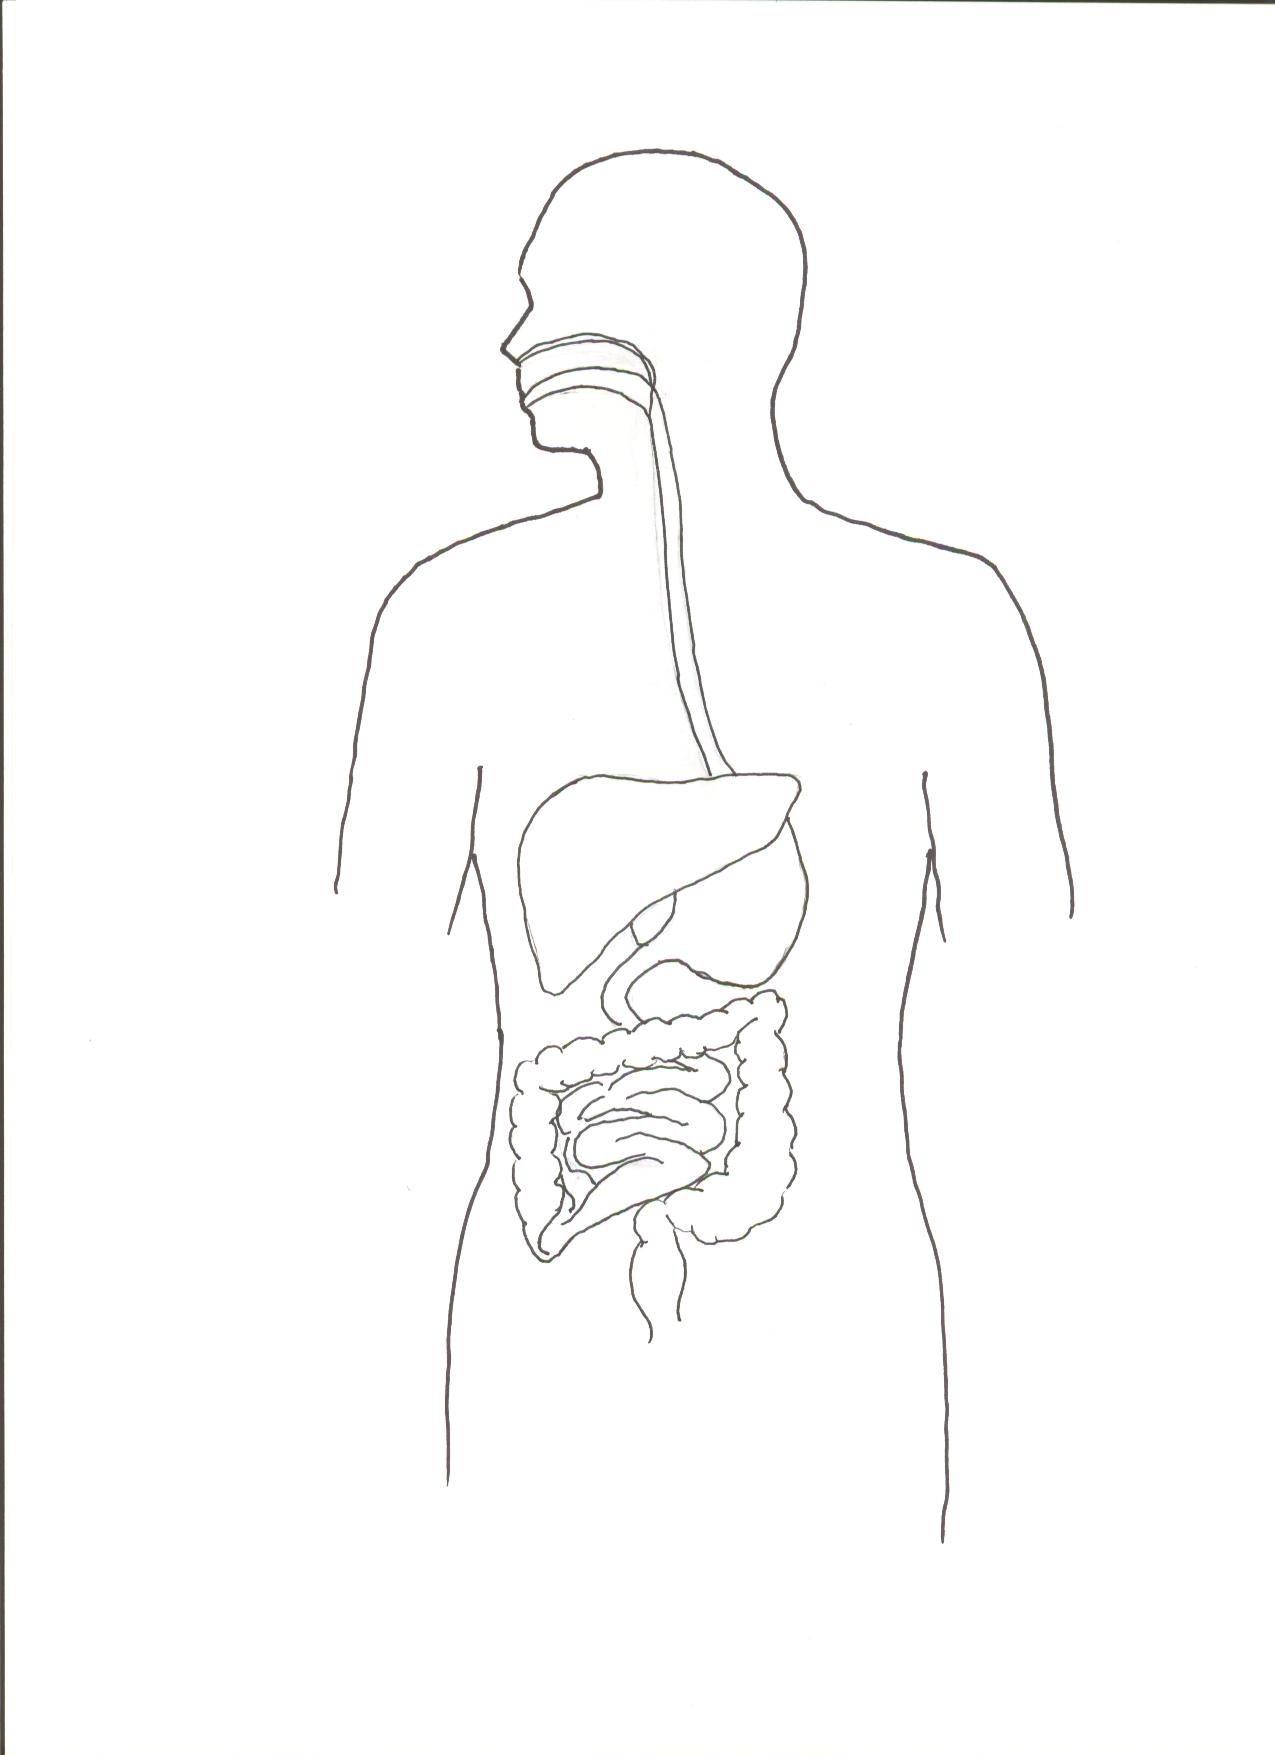 digestive system worksheet Bing Images science – Human Digestive System Worksheet